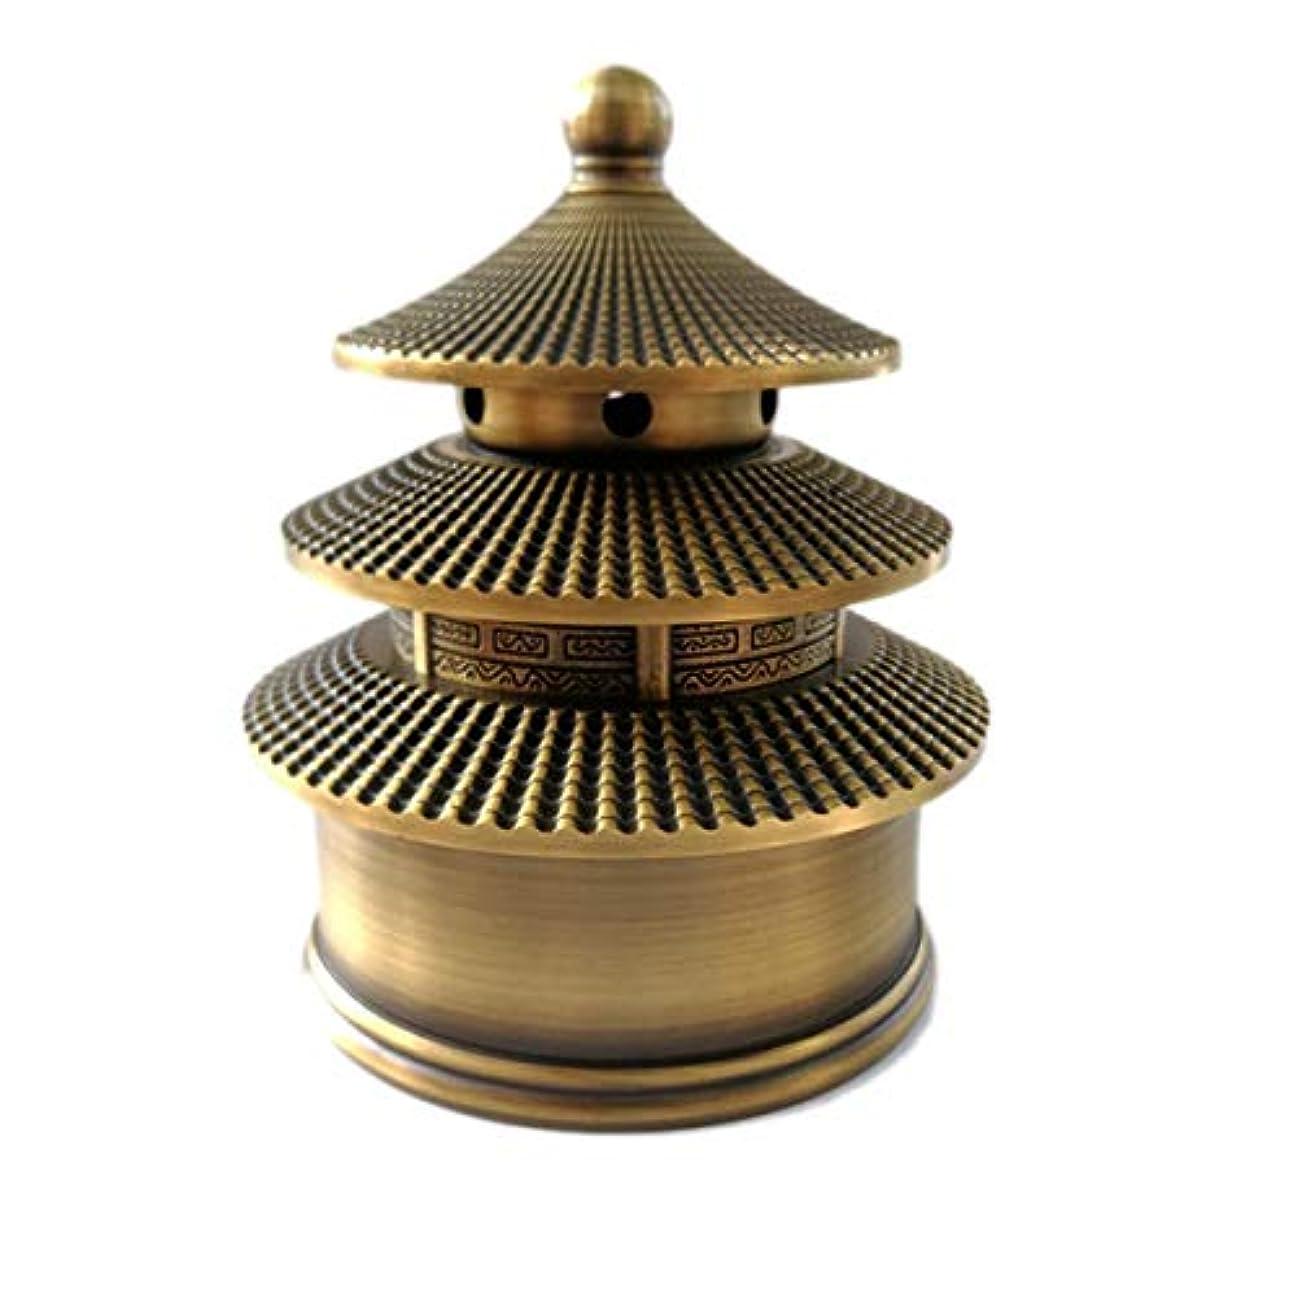 虫臨検ランタン真鍮香炉(富&幸運)お香バーナー-お香ホルダーを含む中国の古典的なスタイルの伝統的な技術